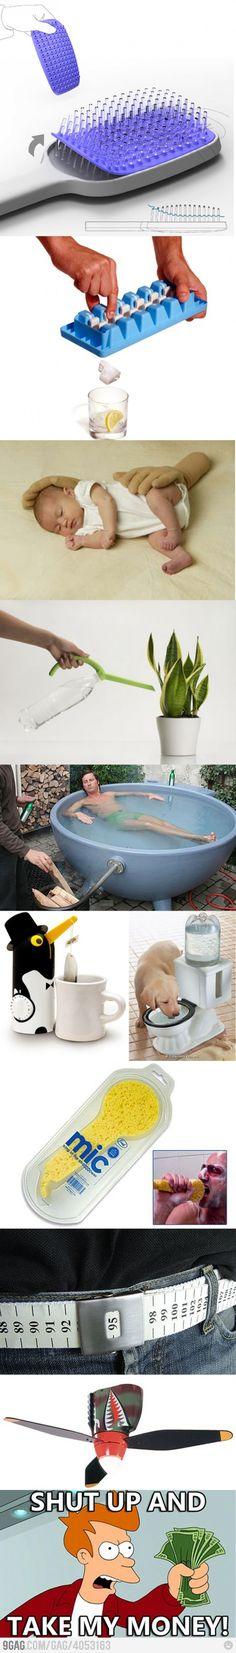 Cool Invention Yeaaaaaaaaaaaaa